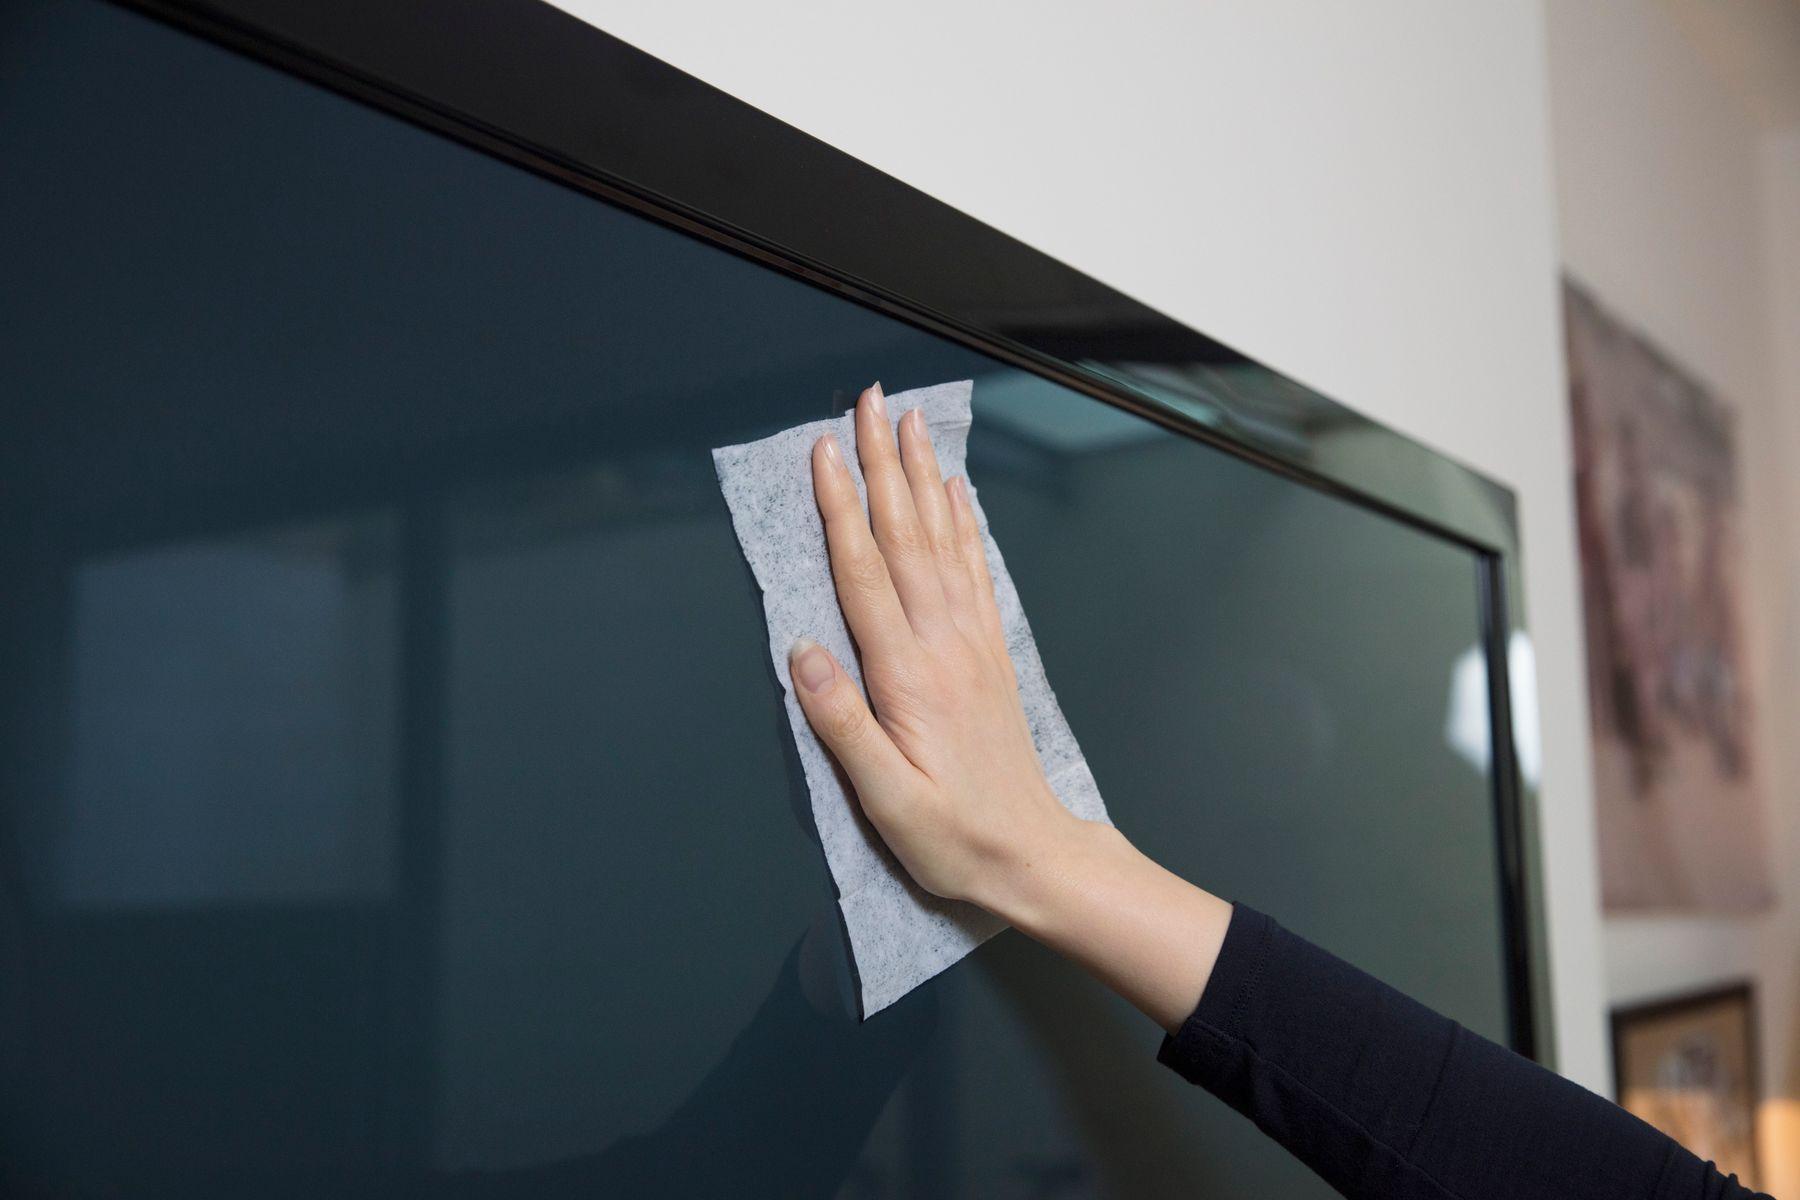 Aprenda como limpar tela de TV de maneira segura